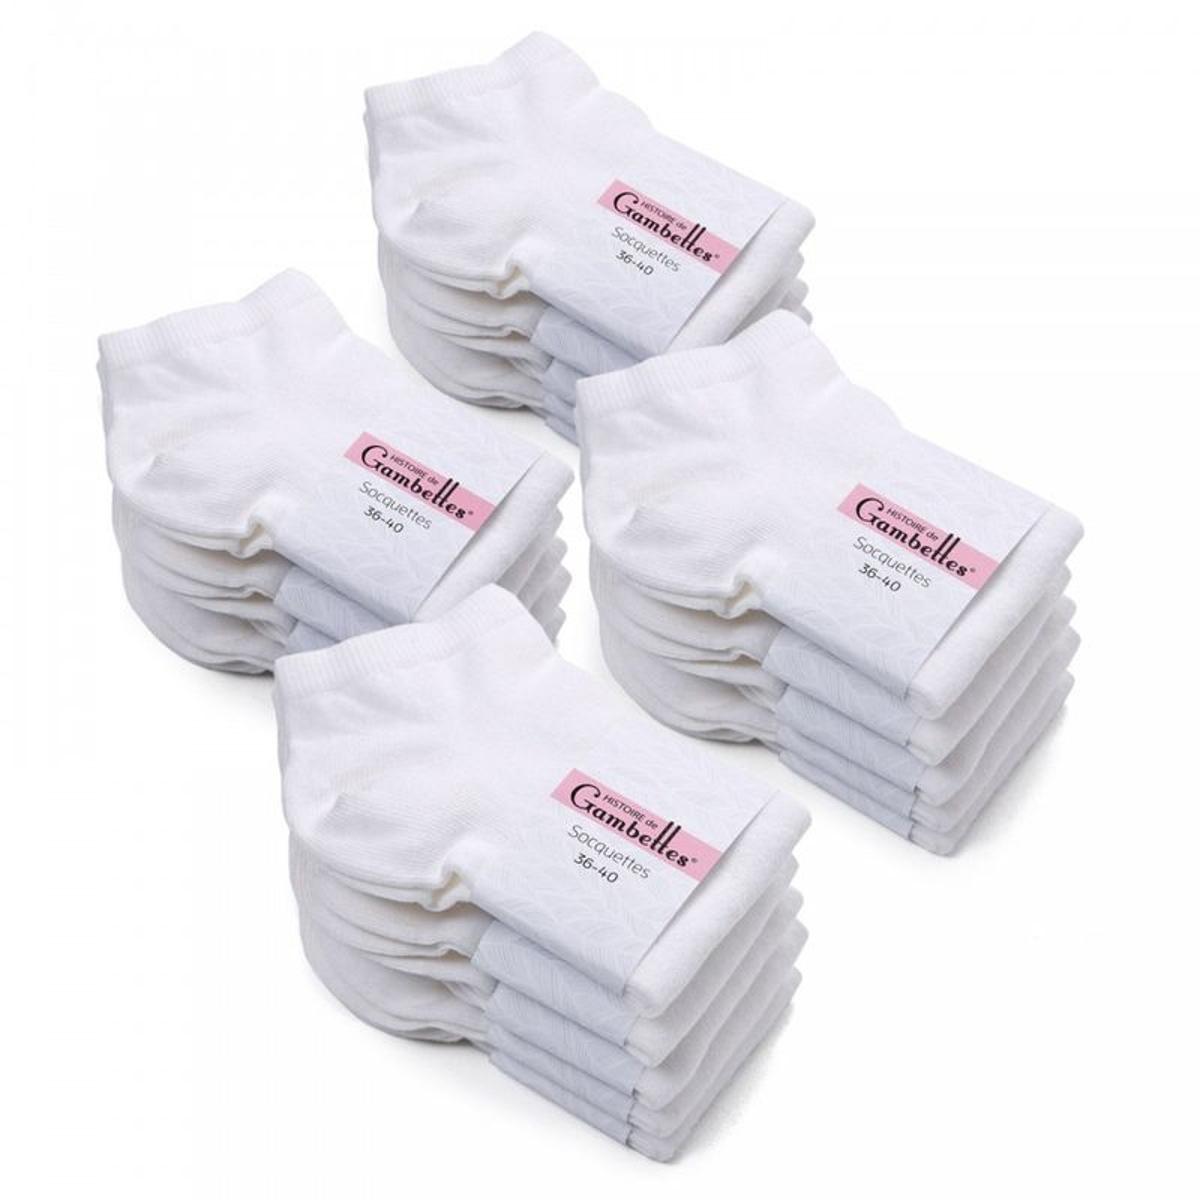 Socquettes Femme coton Blanches (Lot de 20) - Fabriqué en europe